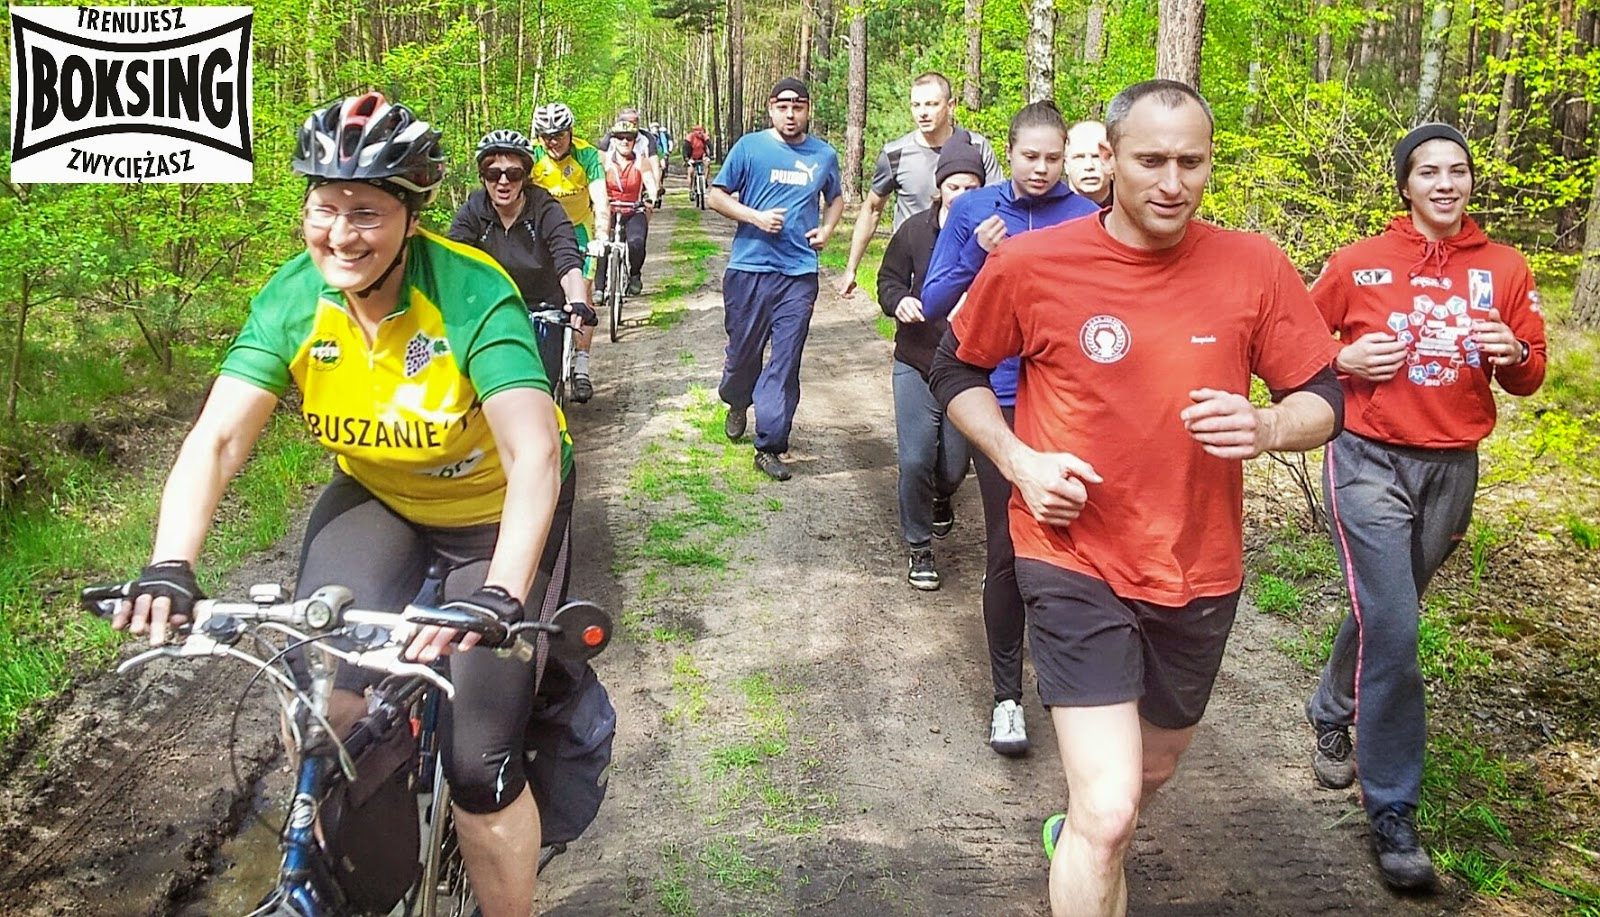 trening, rowery, seniorzy, dorośli, kultura fizyczna, bieganie, sport, Boksing